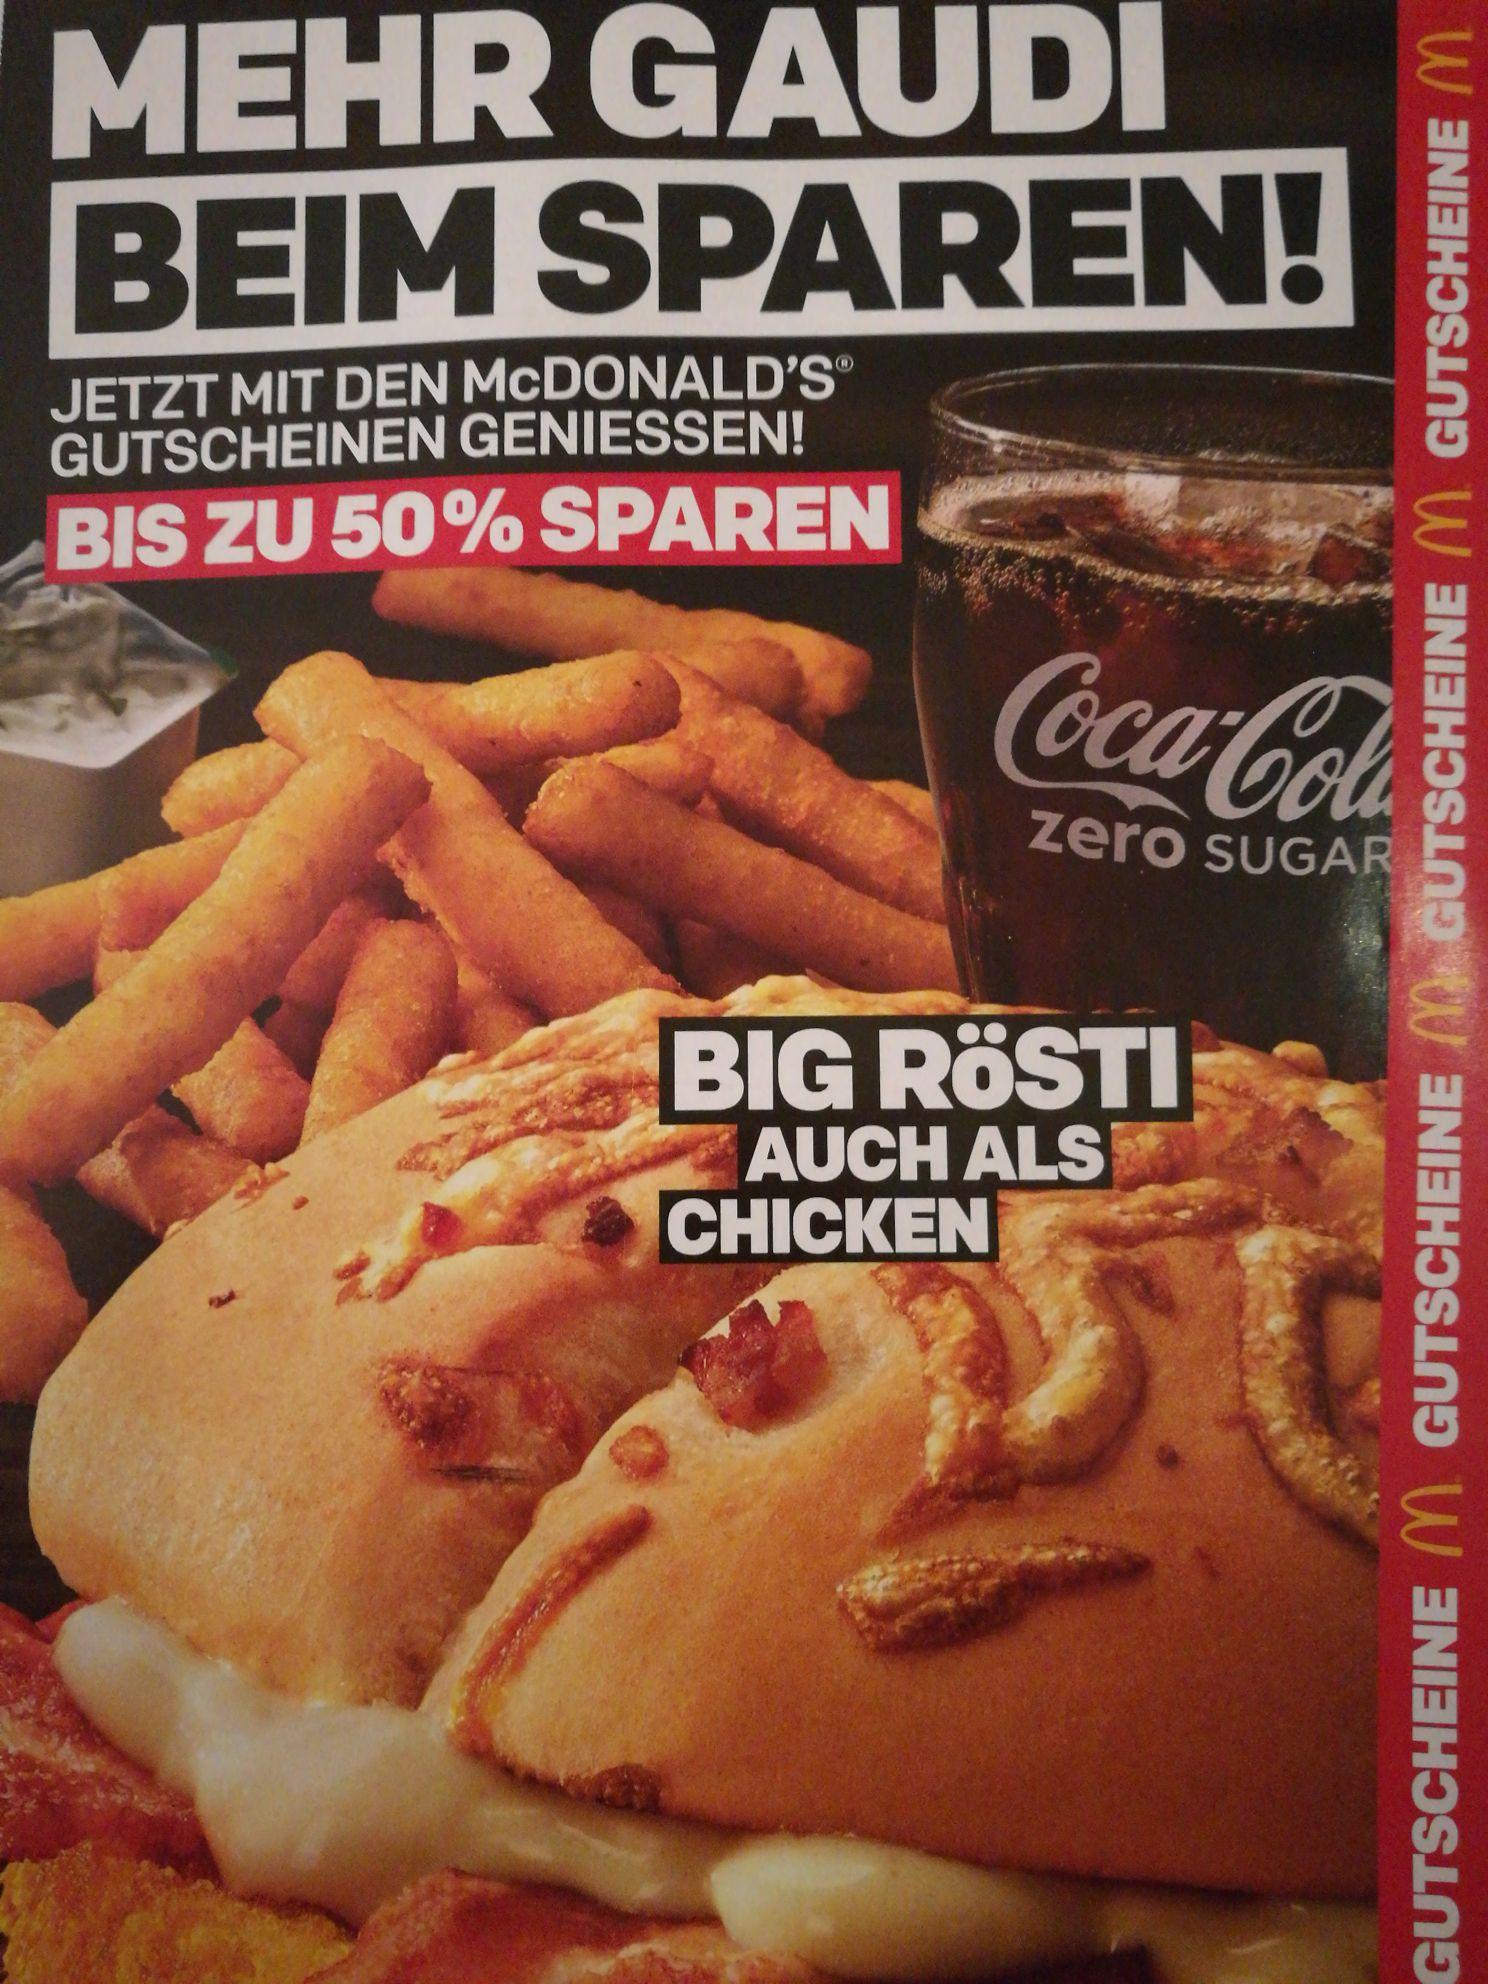 [McDonalds] Gutscheine/Coupons ab 07.01.19 - 03.02.2019 z.B. 22 Chicken Nuggets für 4.99 Euro